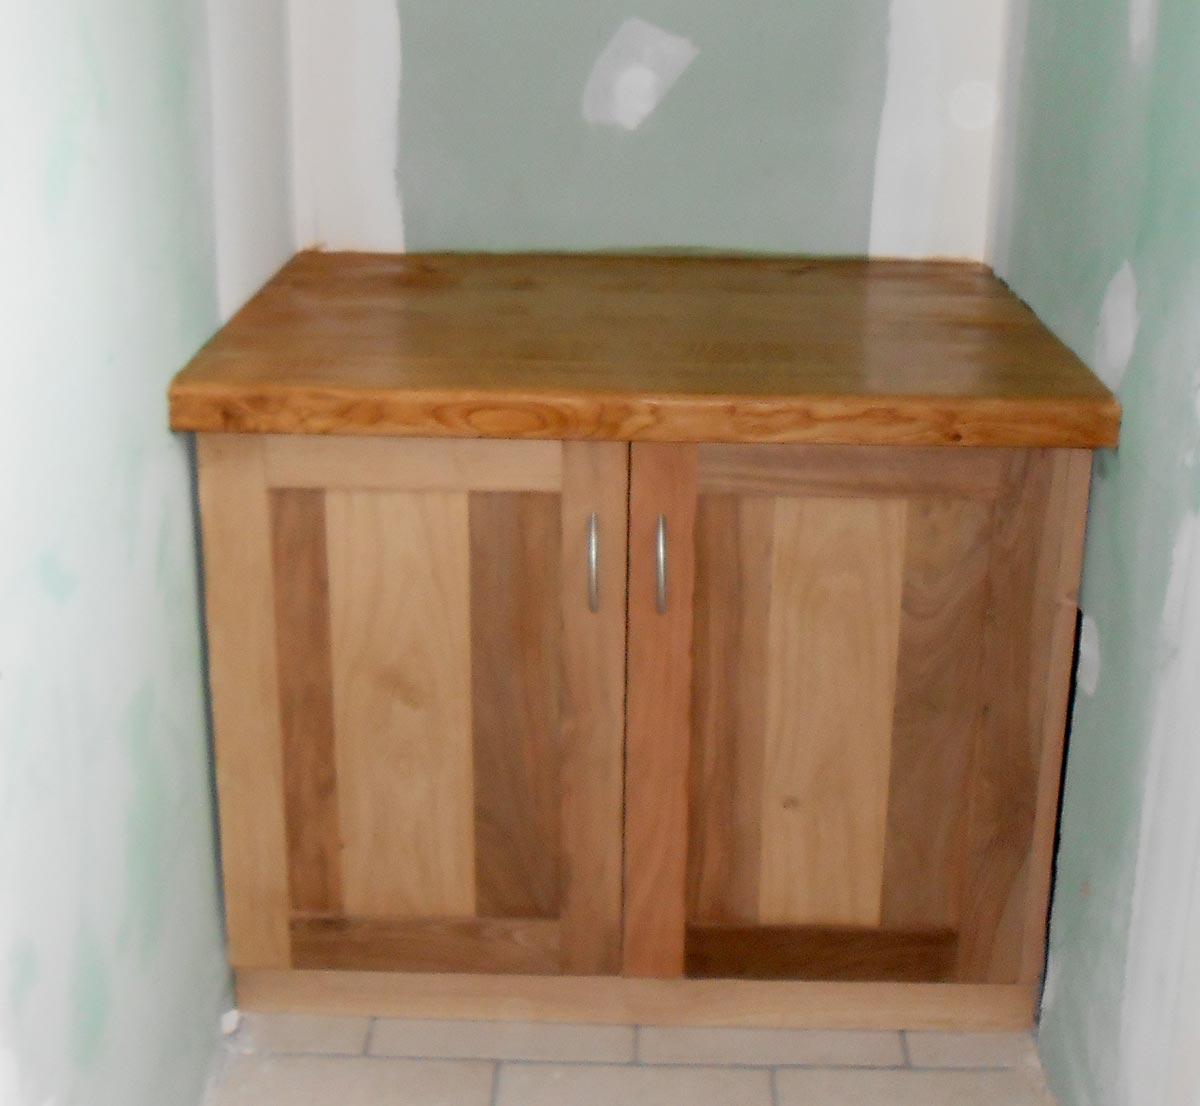 Meubles objets en bois sur mesure menuiserie drifford for Creation meuble salle de bain